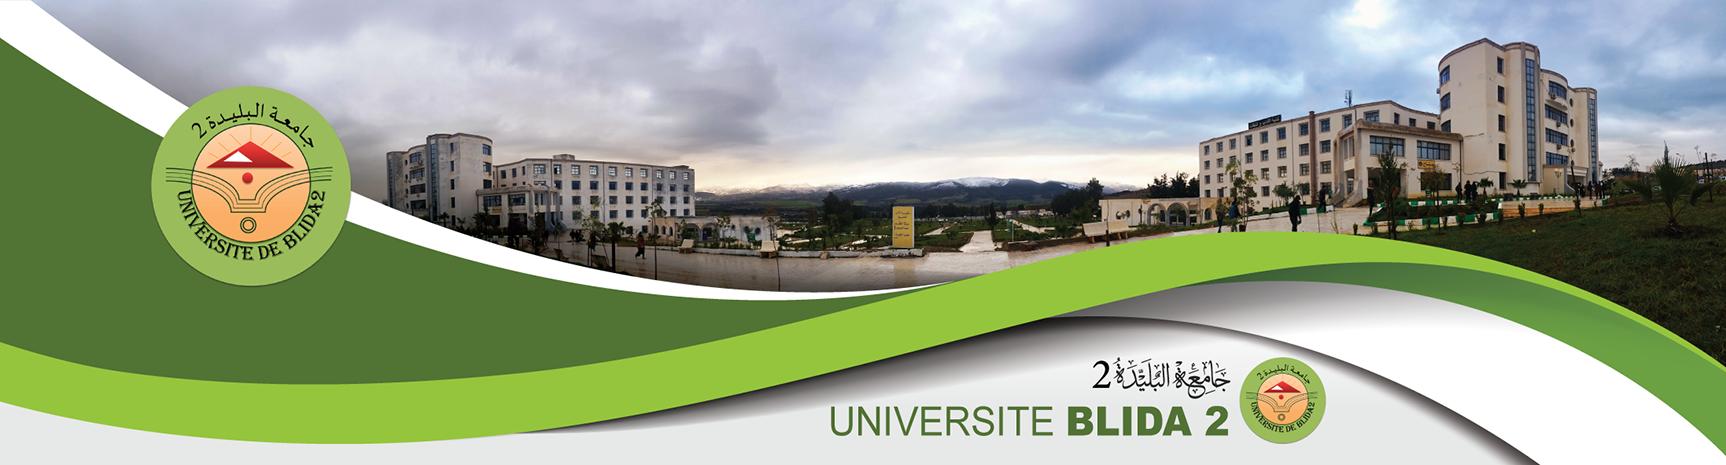 Université Blida 2